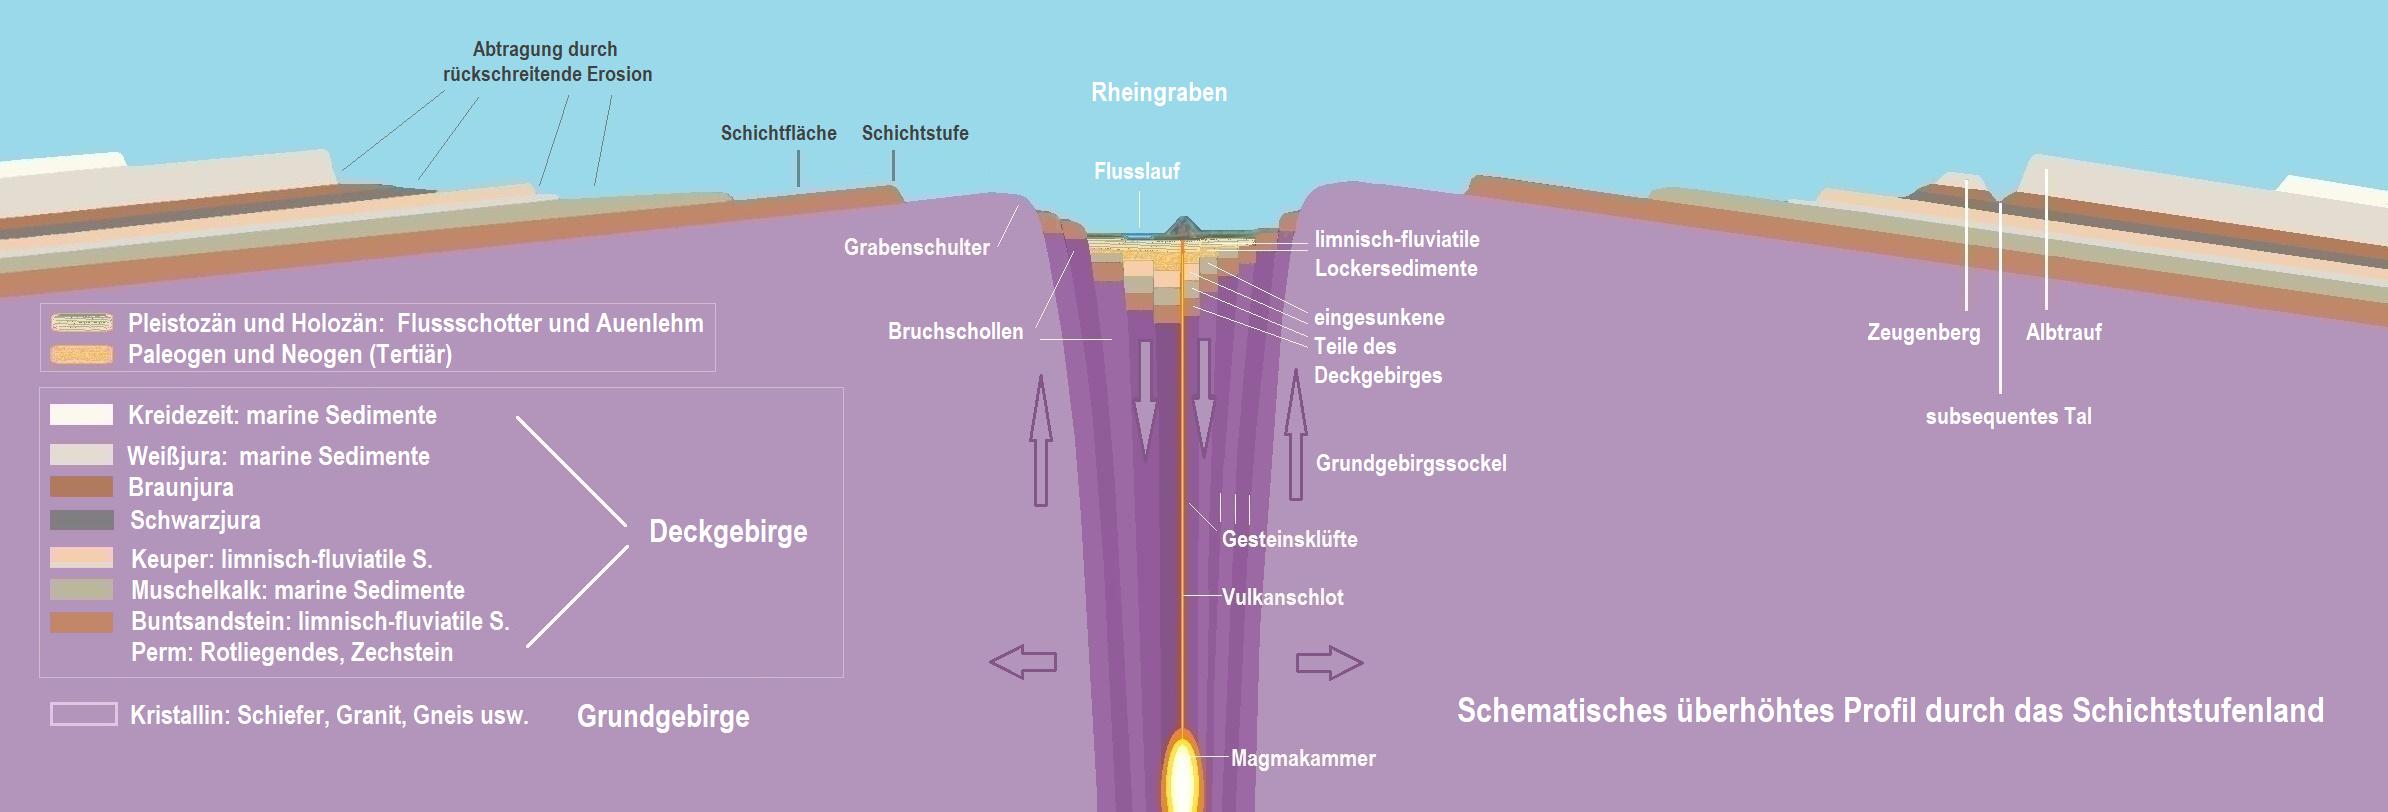 Rheingraben und Schichtstufenland.png